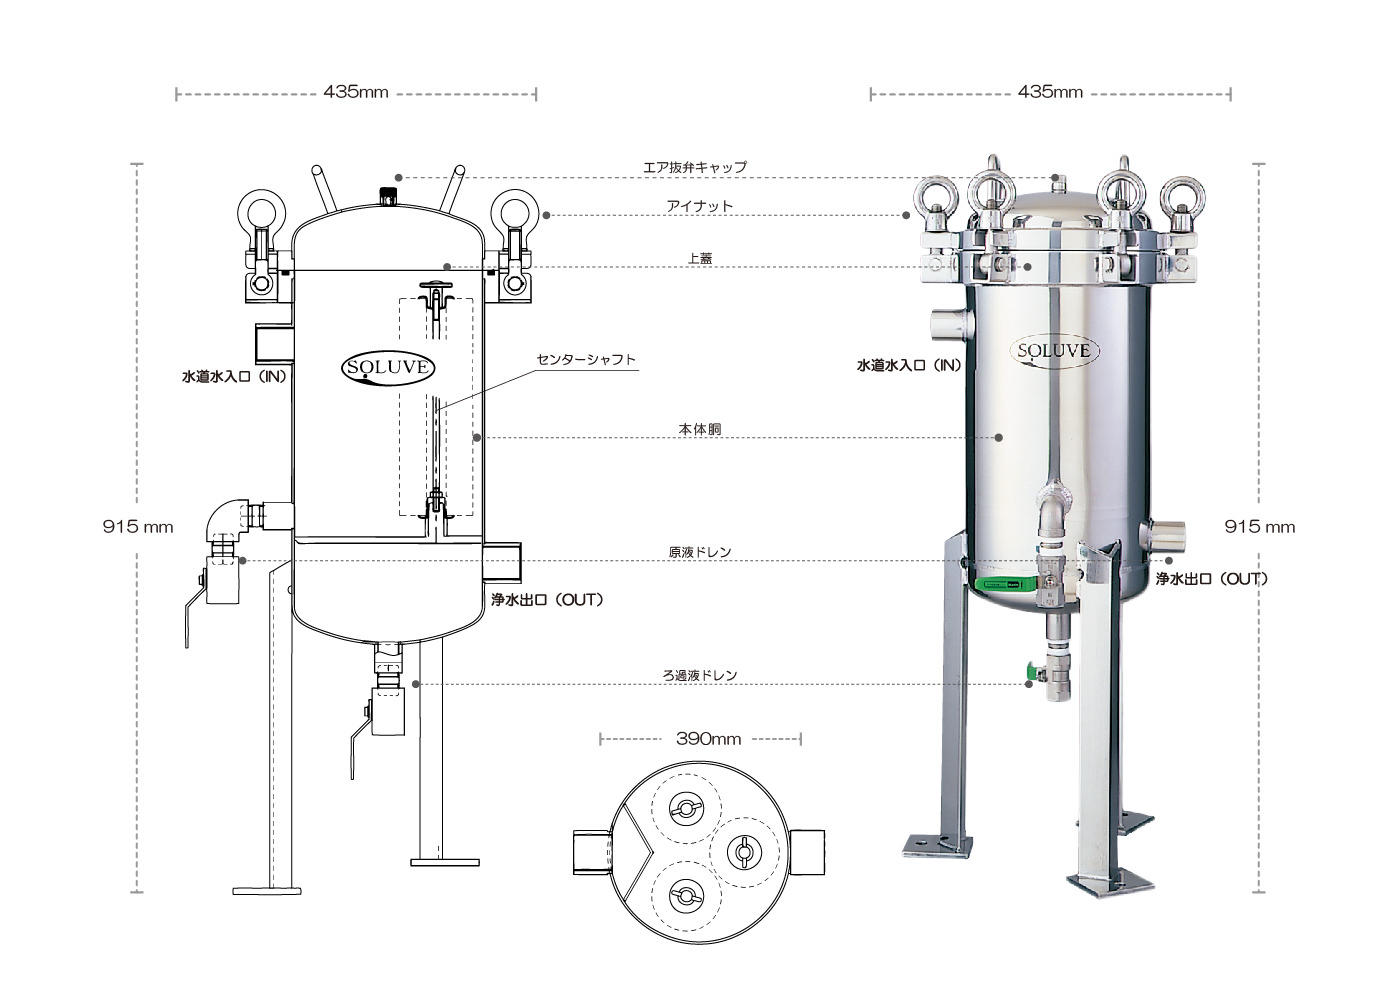 セントラル浄水器ソリューヴ業務用SB-3型のイメージ図